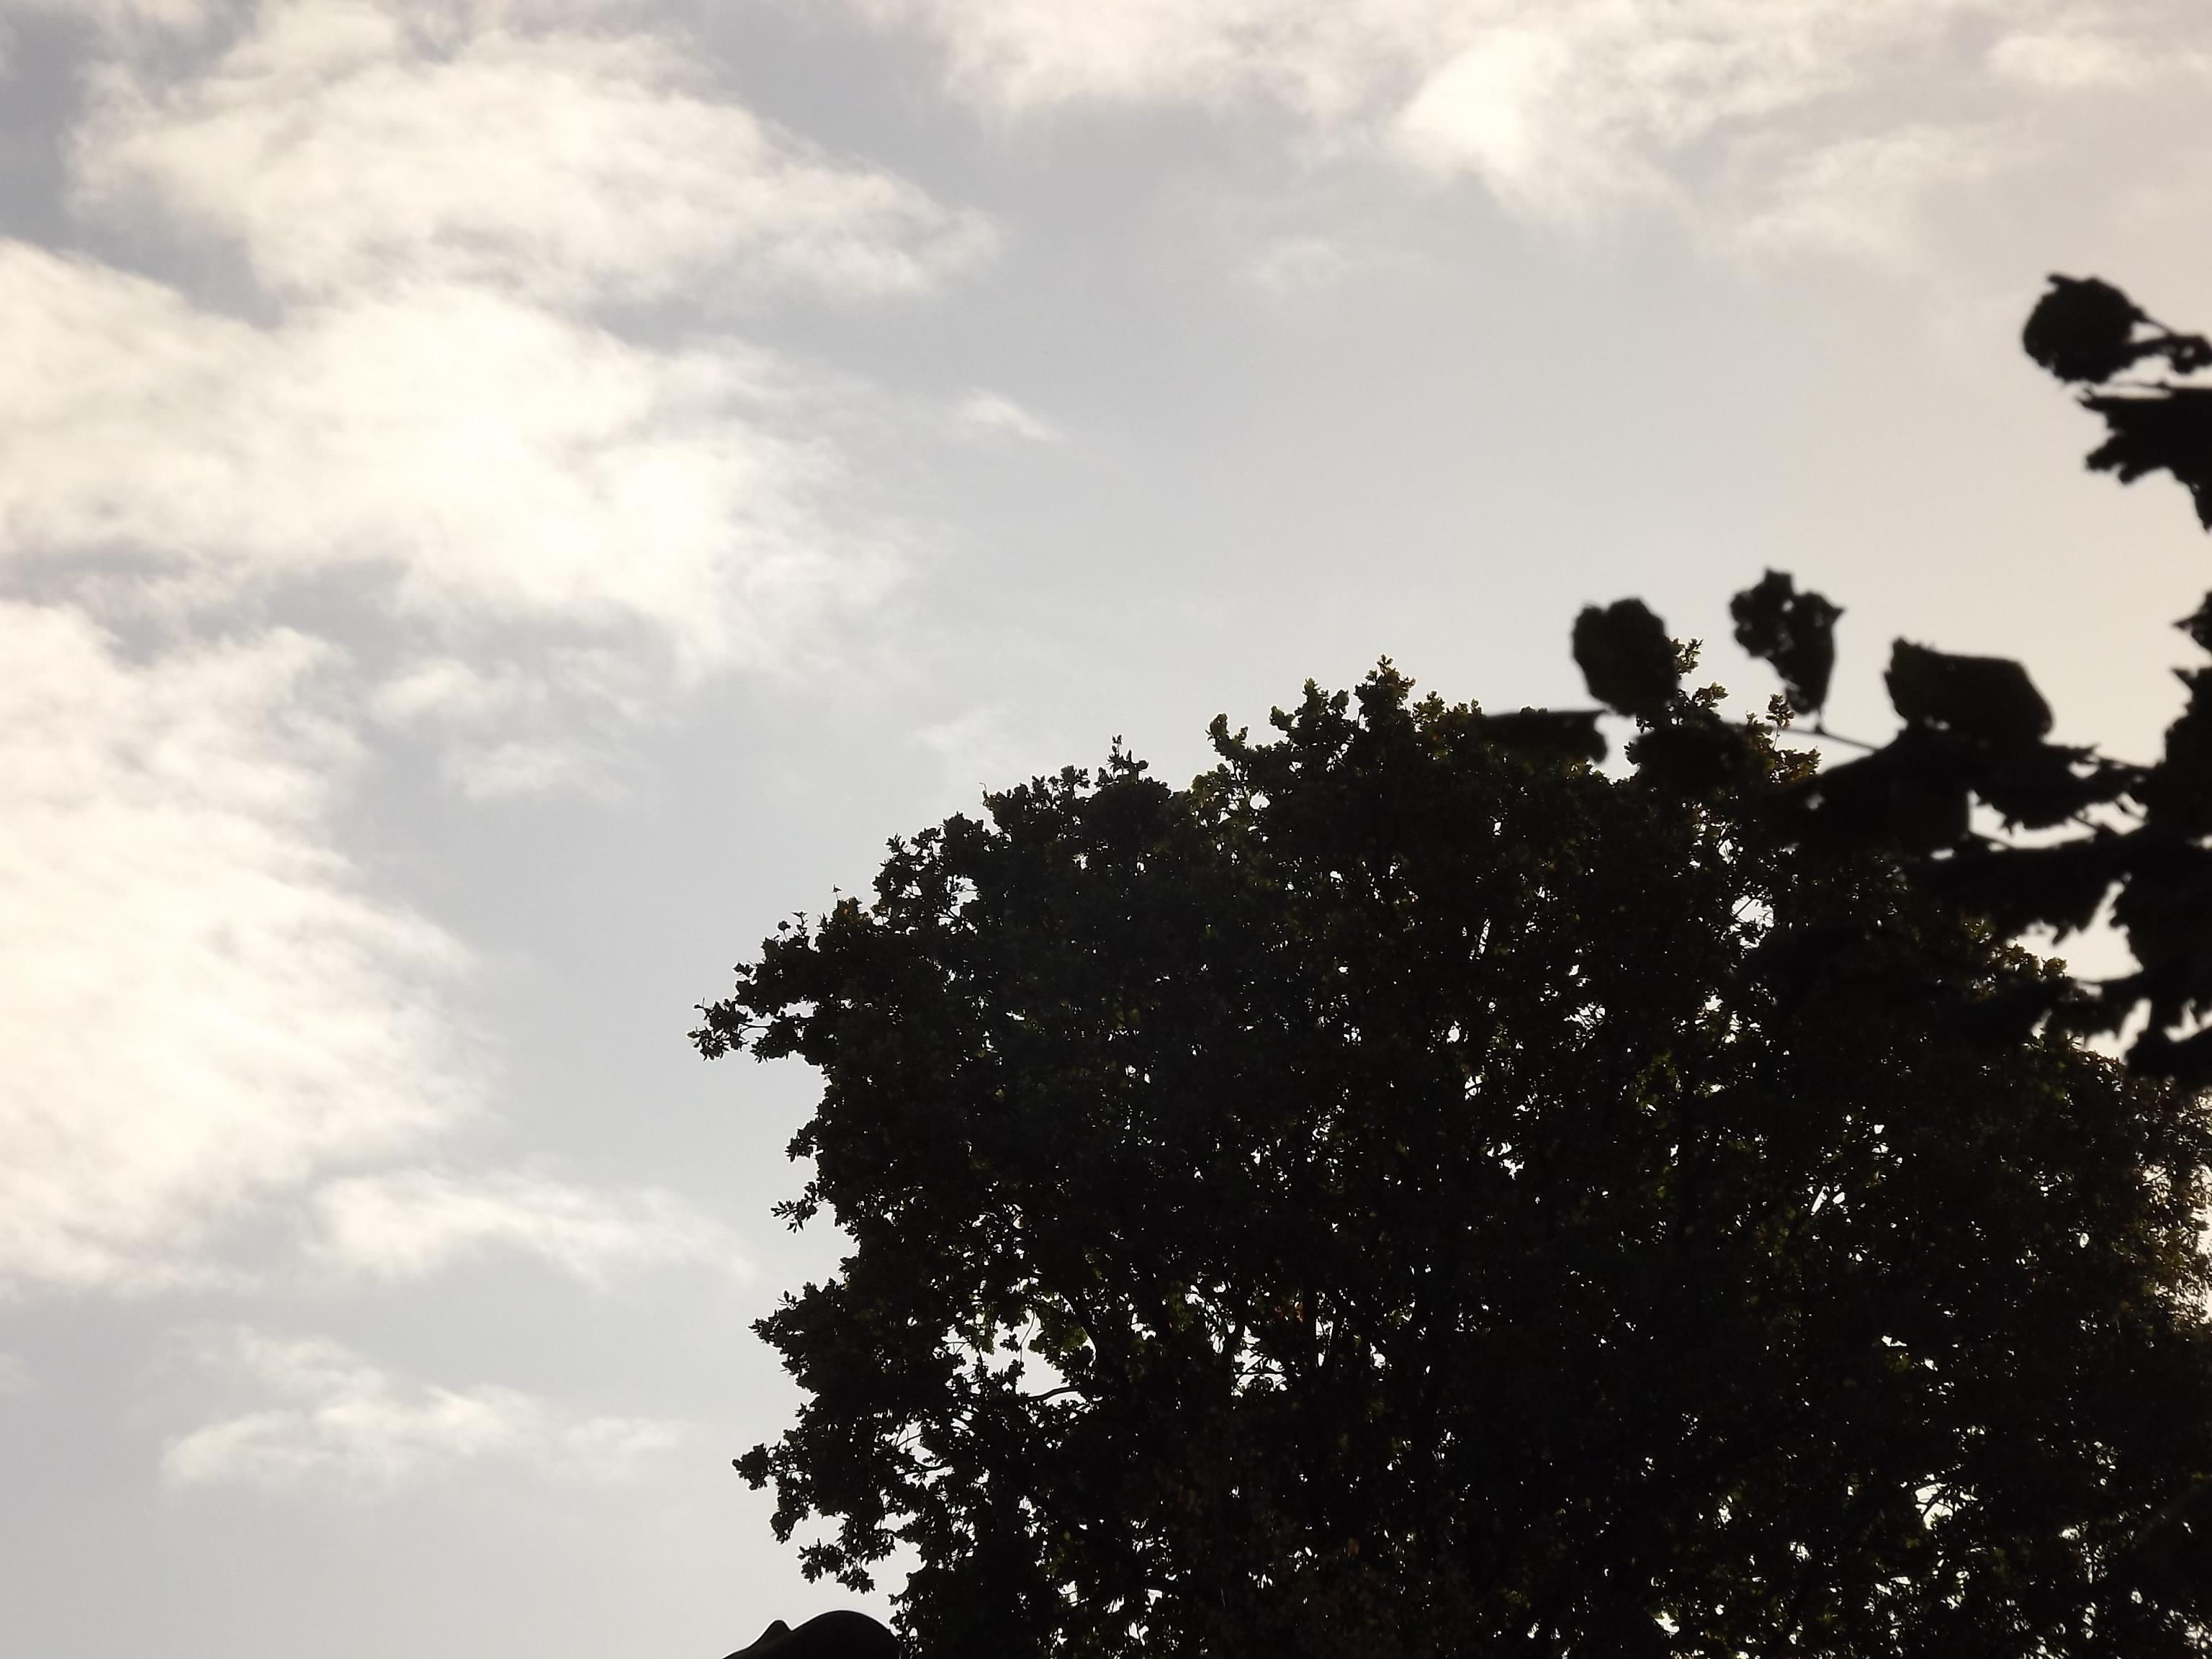 6516-himmel-blau-wolken-silhouette